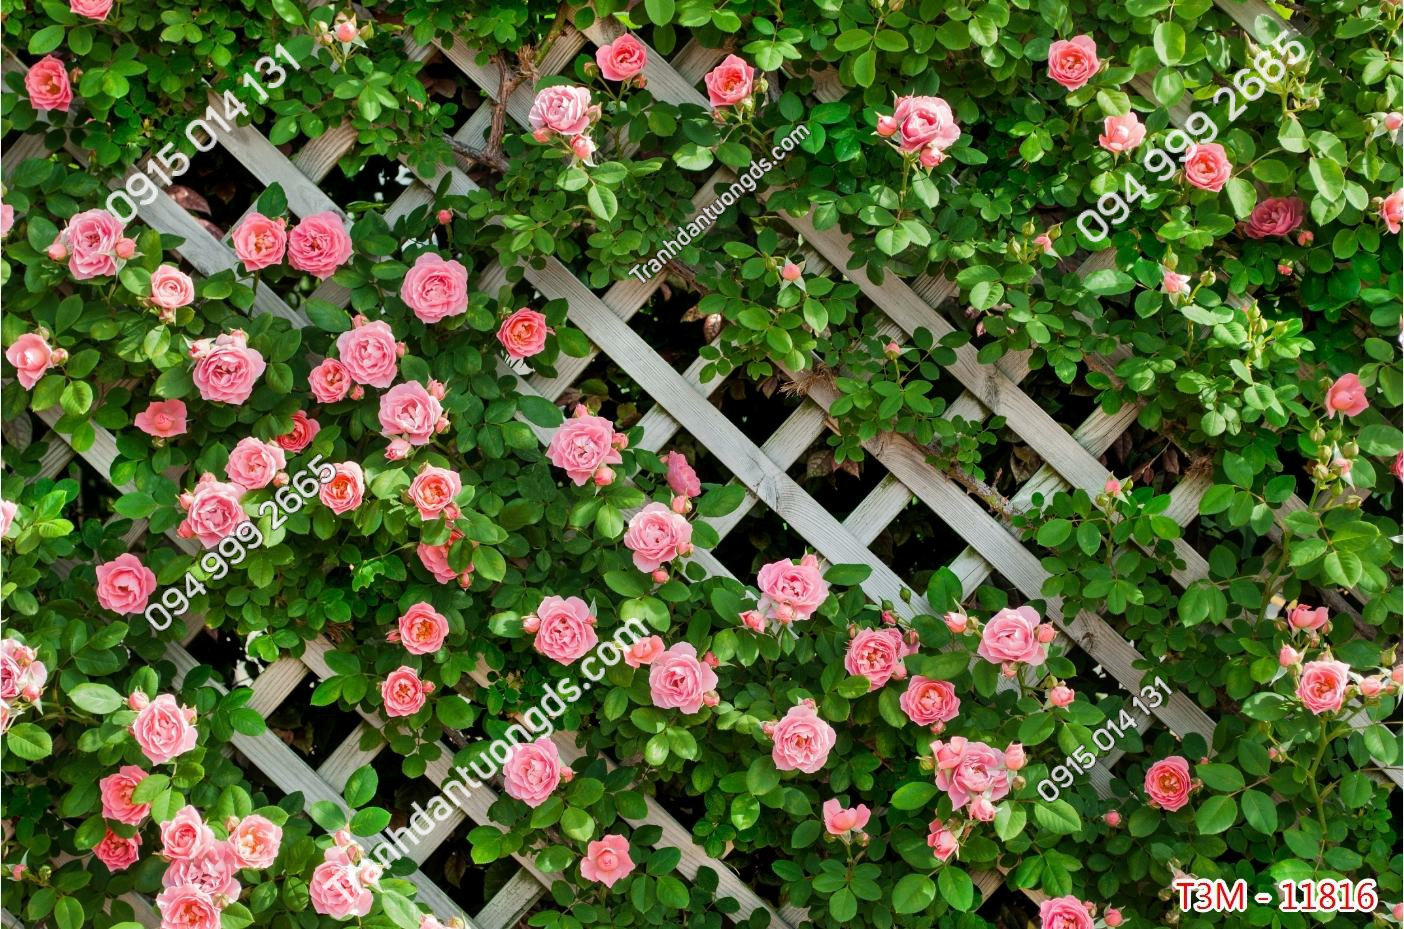 Tranh dán tường hàng rào hoa hồng - 11816 demo